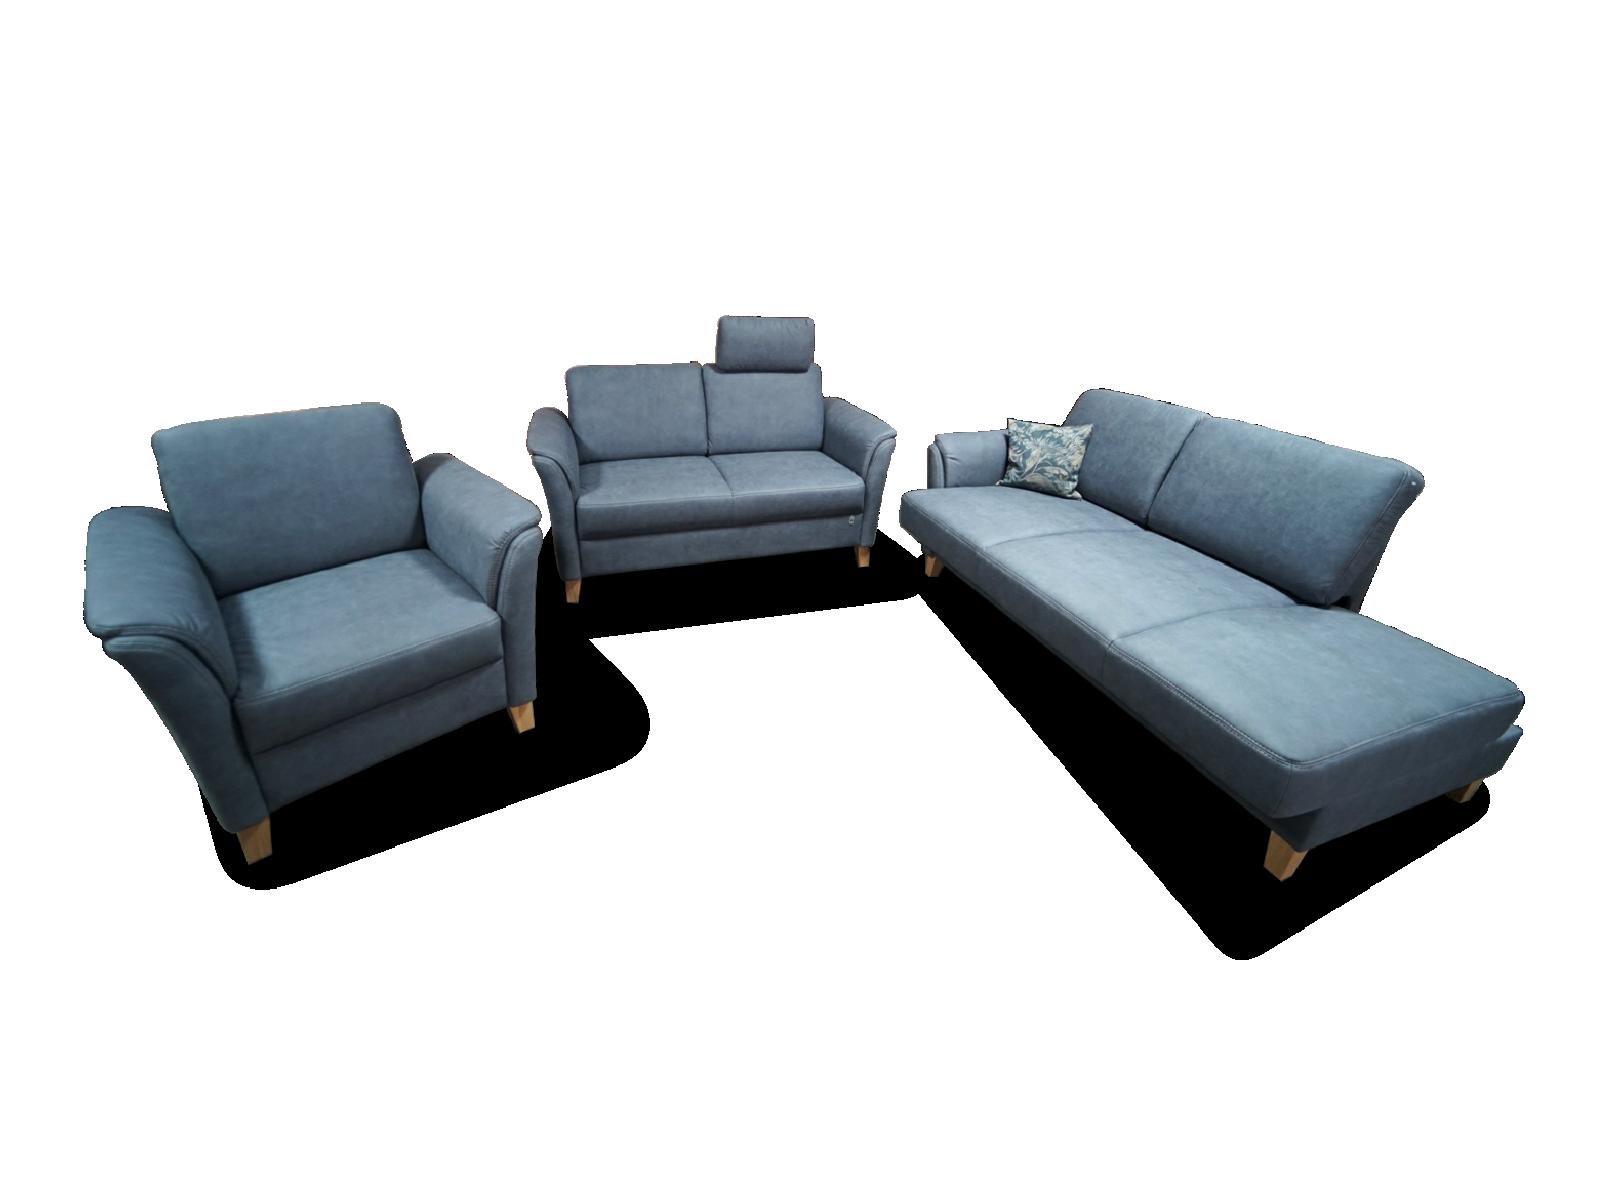 3 Sitzer und 2 Sitzer mit Sessel